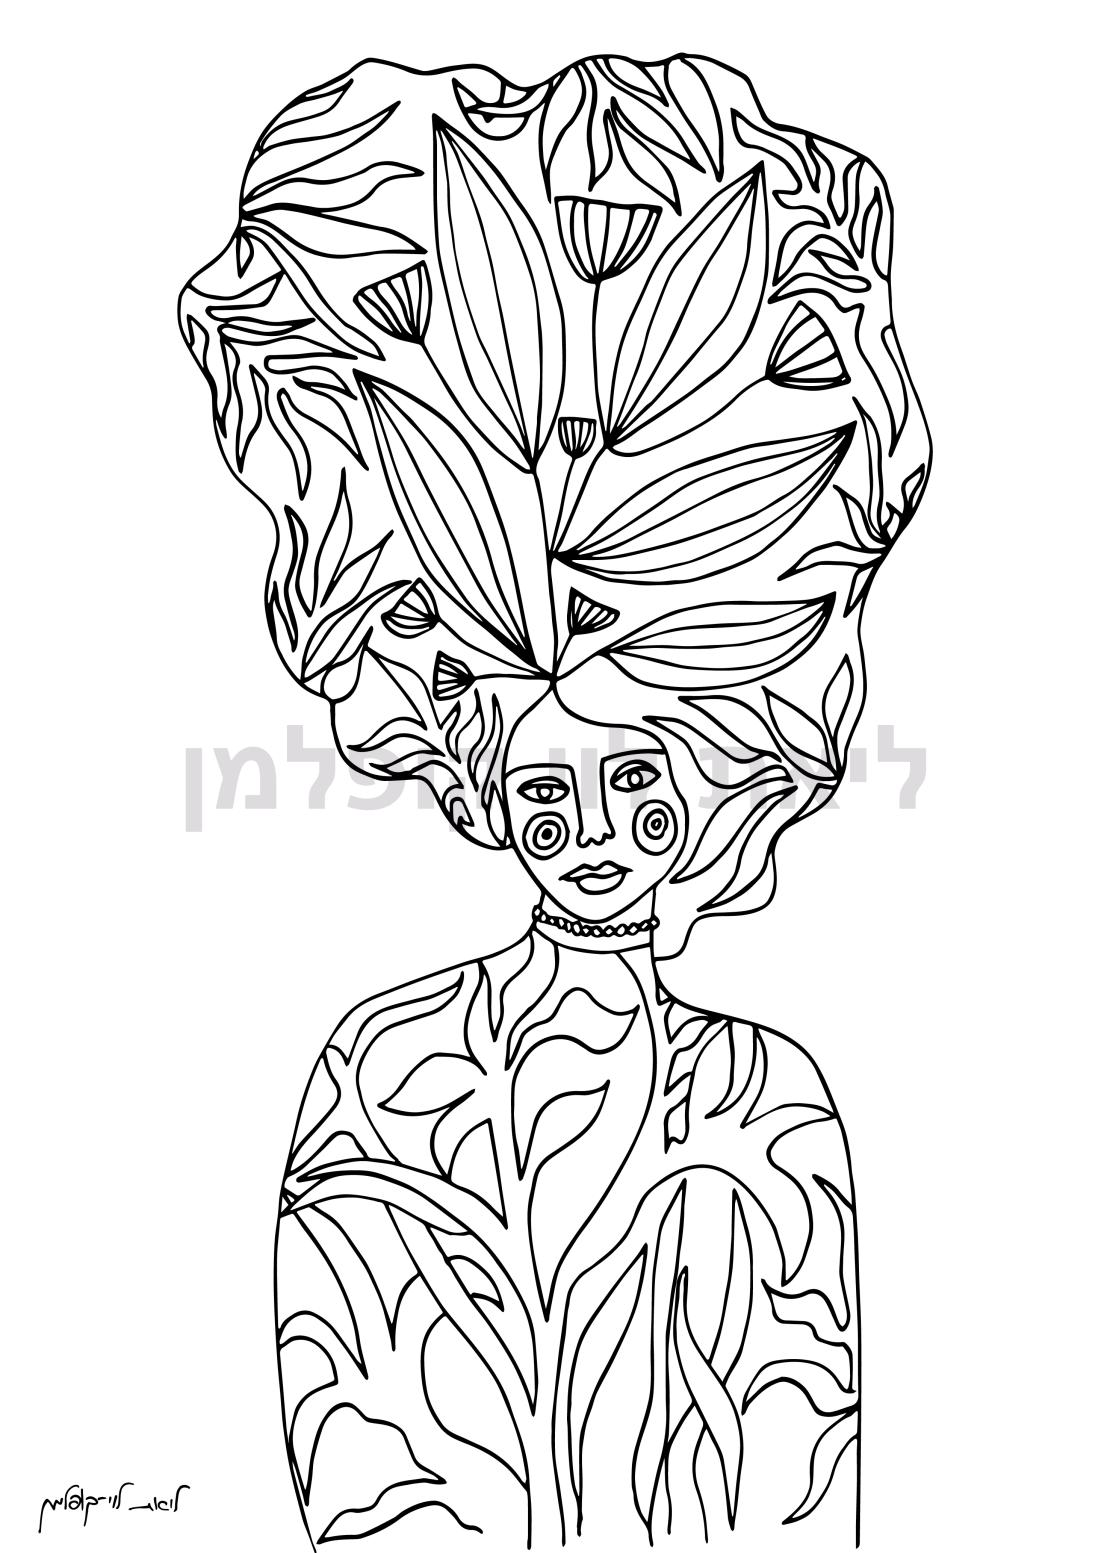 תמונת קנבס לצביעה- העץ הנדיב